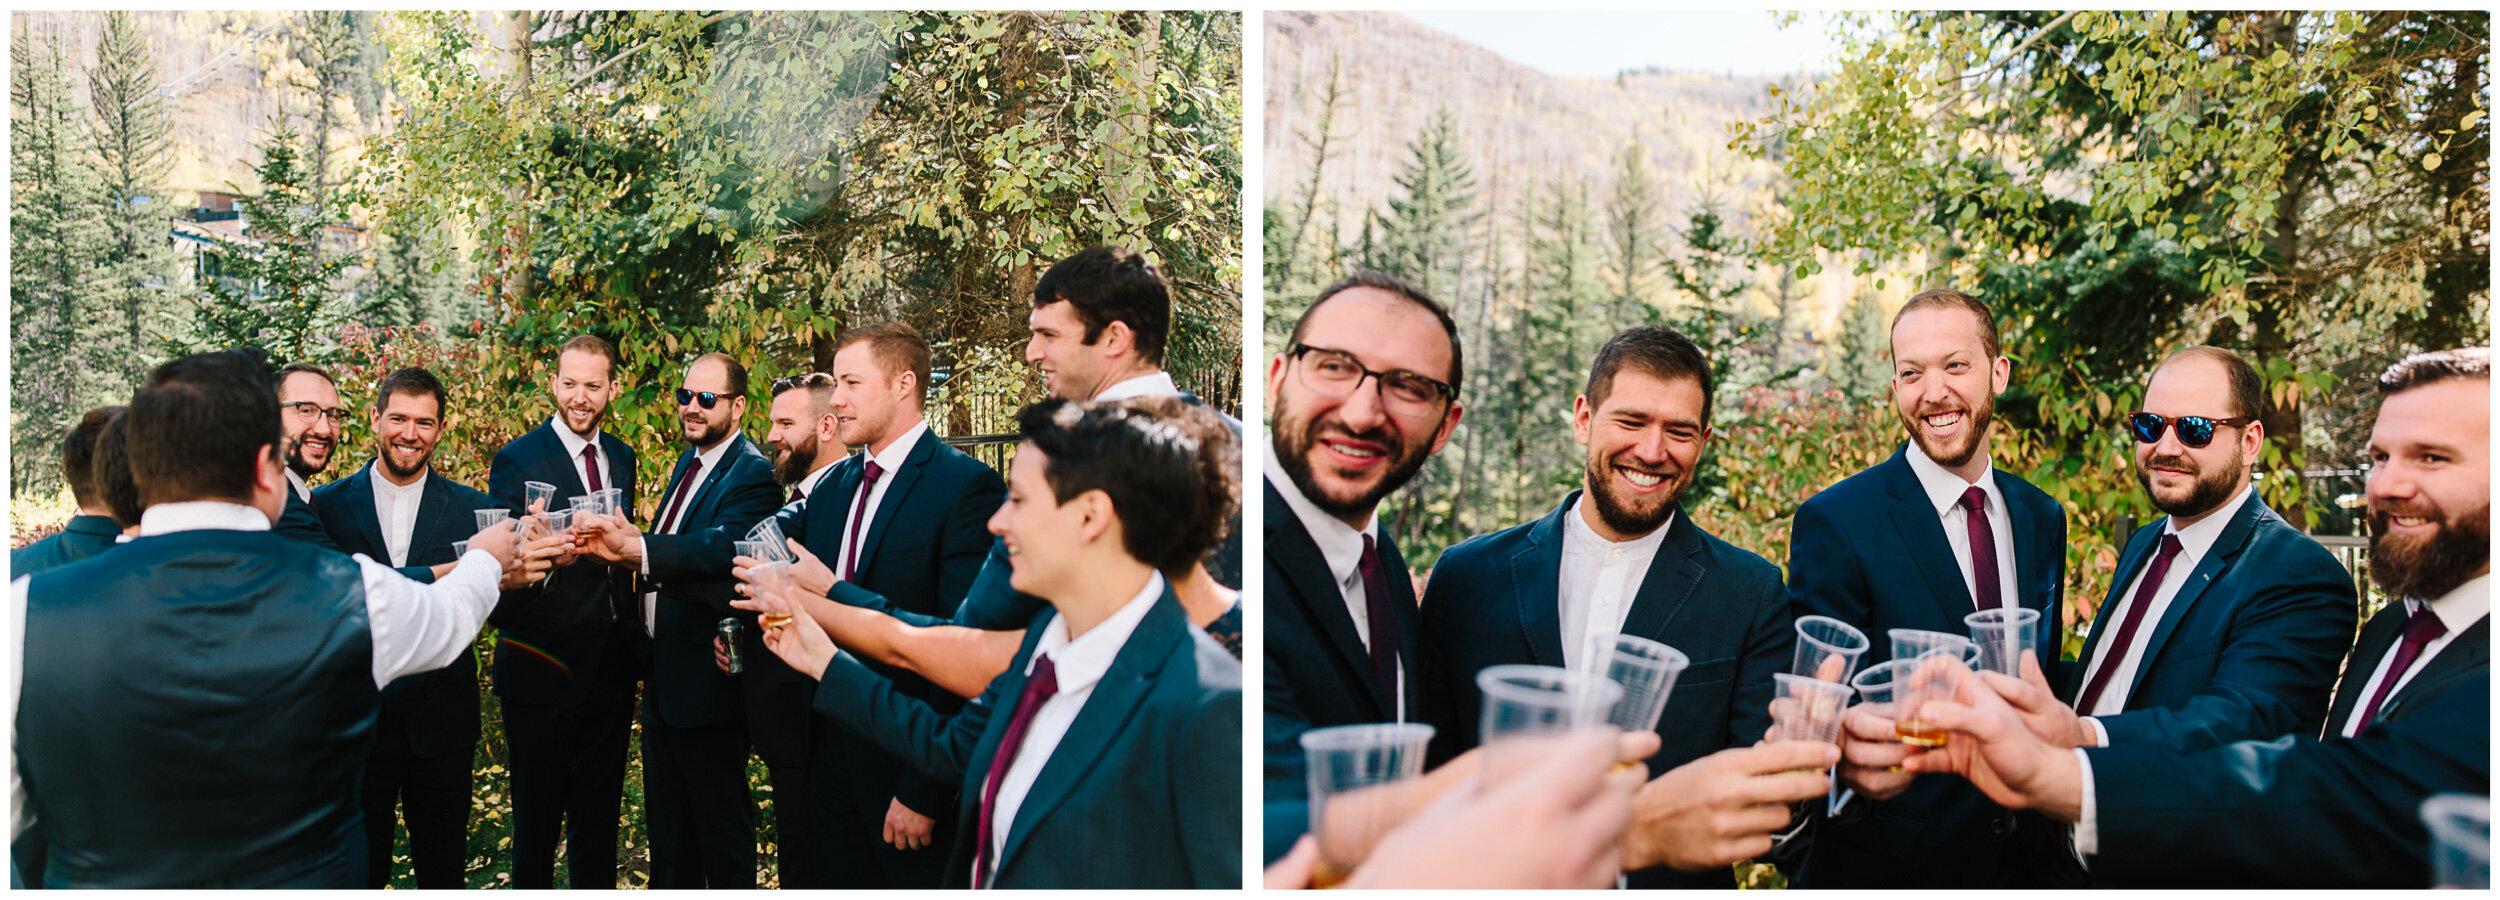 vail_wedding_29.jpg